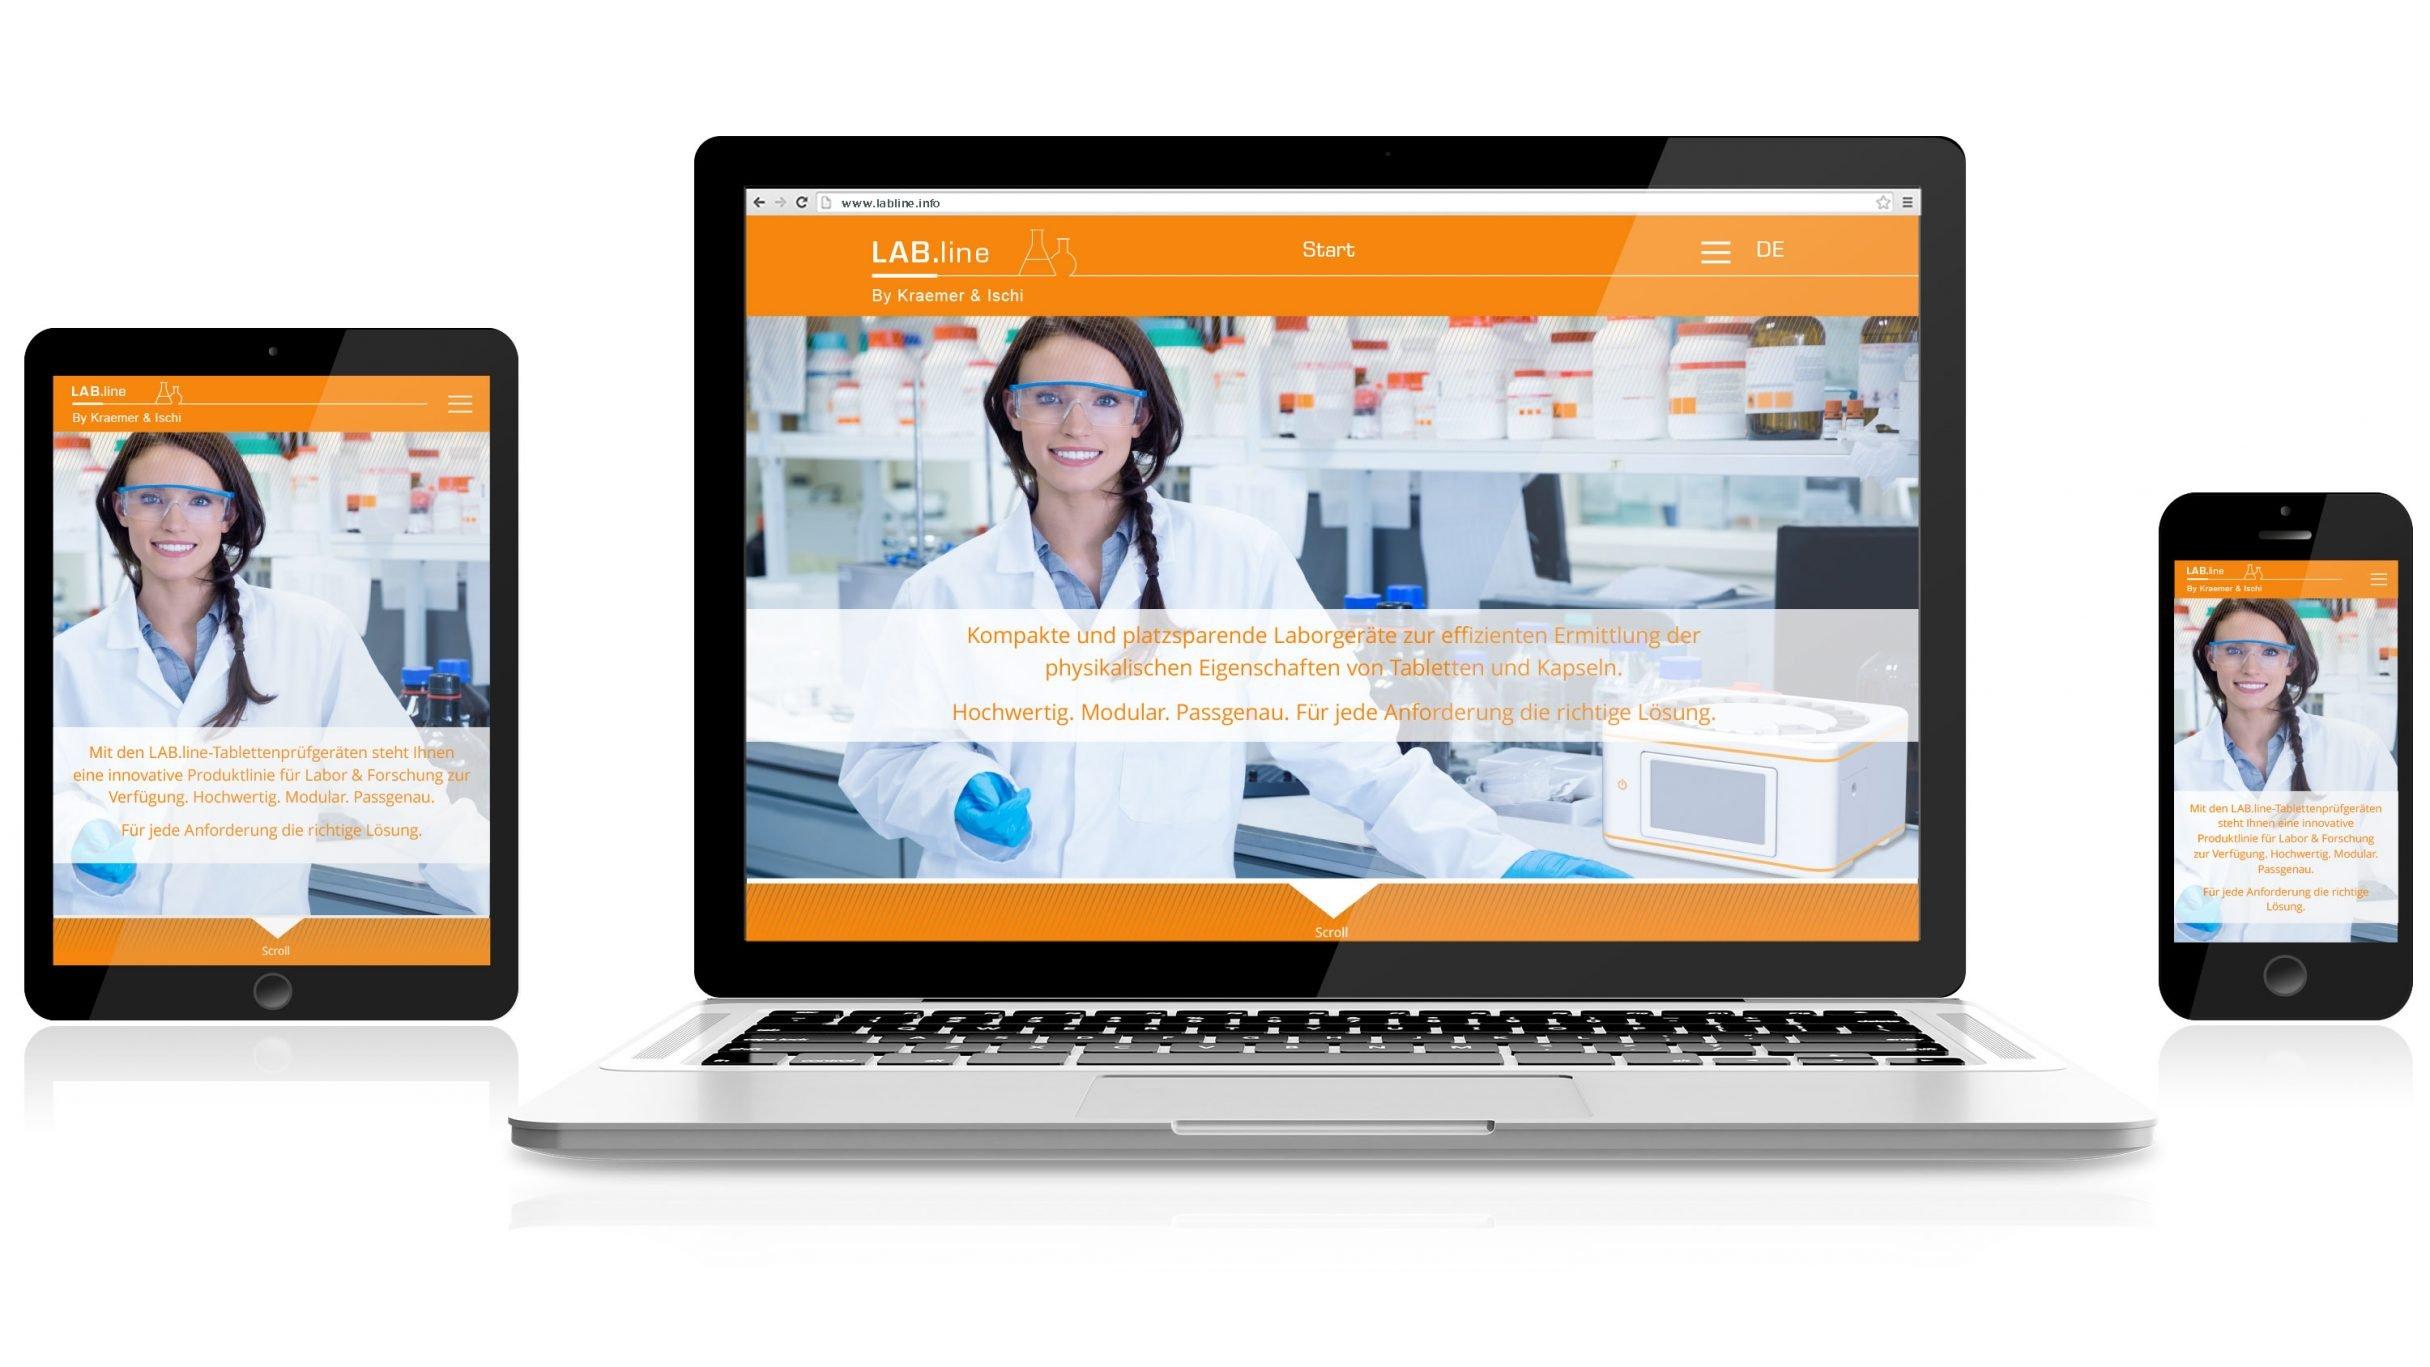 Responsive Webdesign, Labline für Kraemer Elektronik und Charles Ischi: DIE NEUDENKER® Agentur, Darmstadt